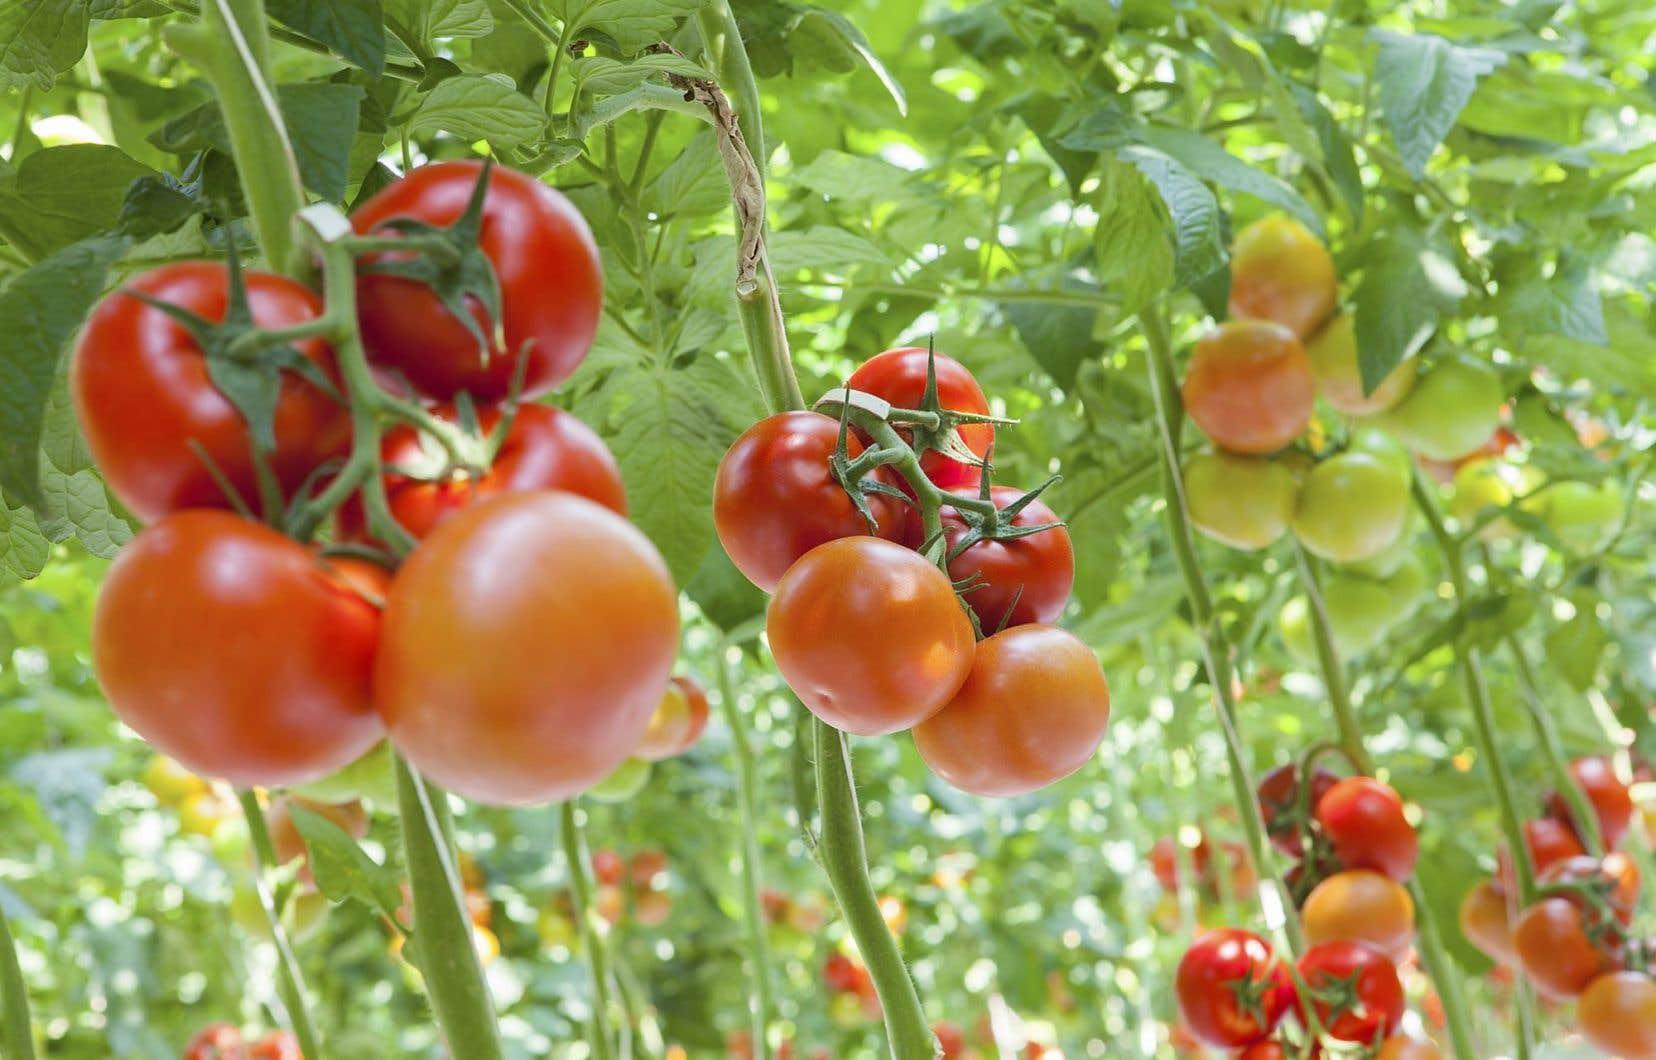 En avril dernier, l'entreprise Serres Sagami a acheté les actifs du producteur de tomates Serres du Saint-Laurent et de sa marque Savoura.